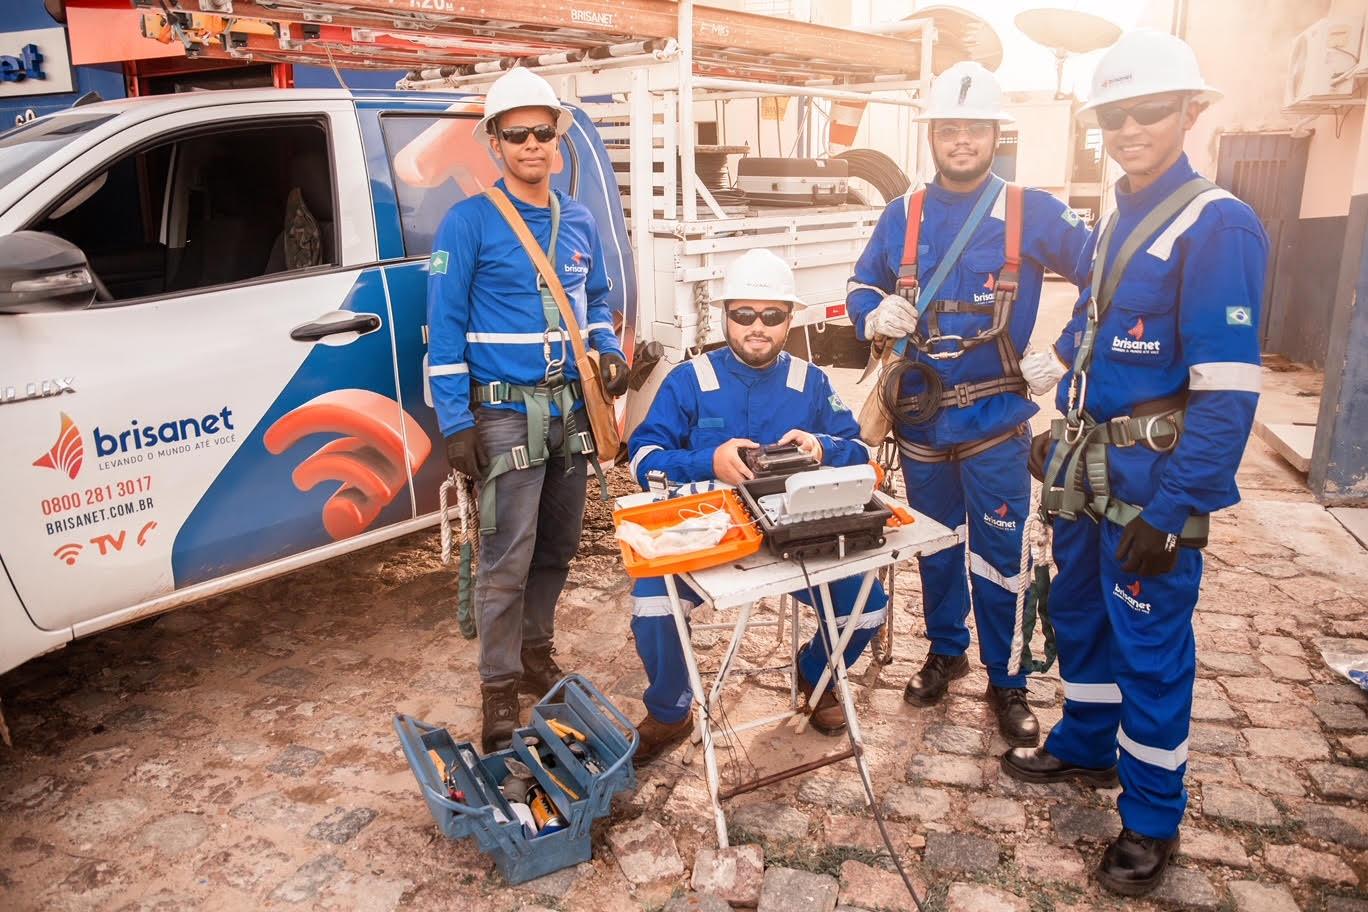 Brisanet é eleita a melhor banda larga do Ceará, Pernambuco e Rio Grande do Norte